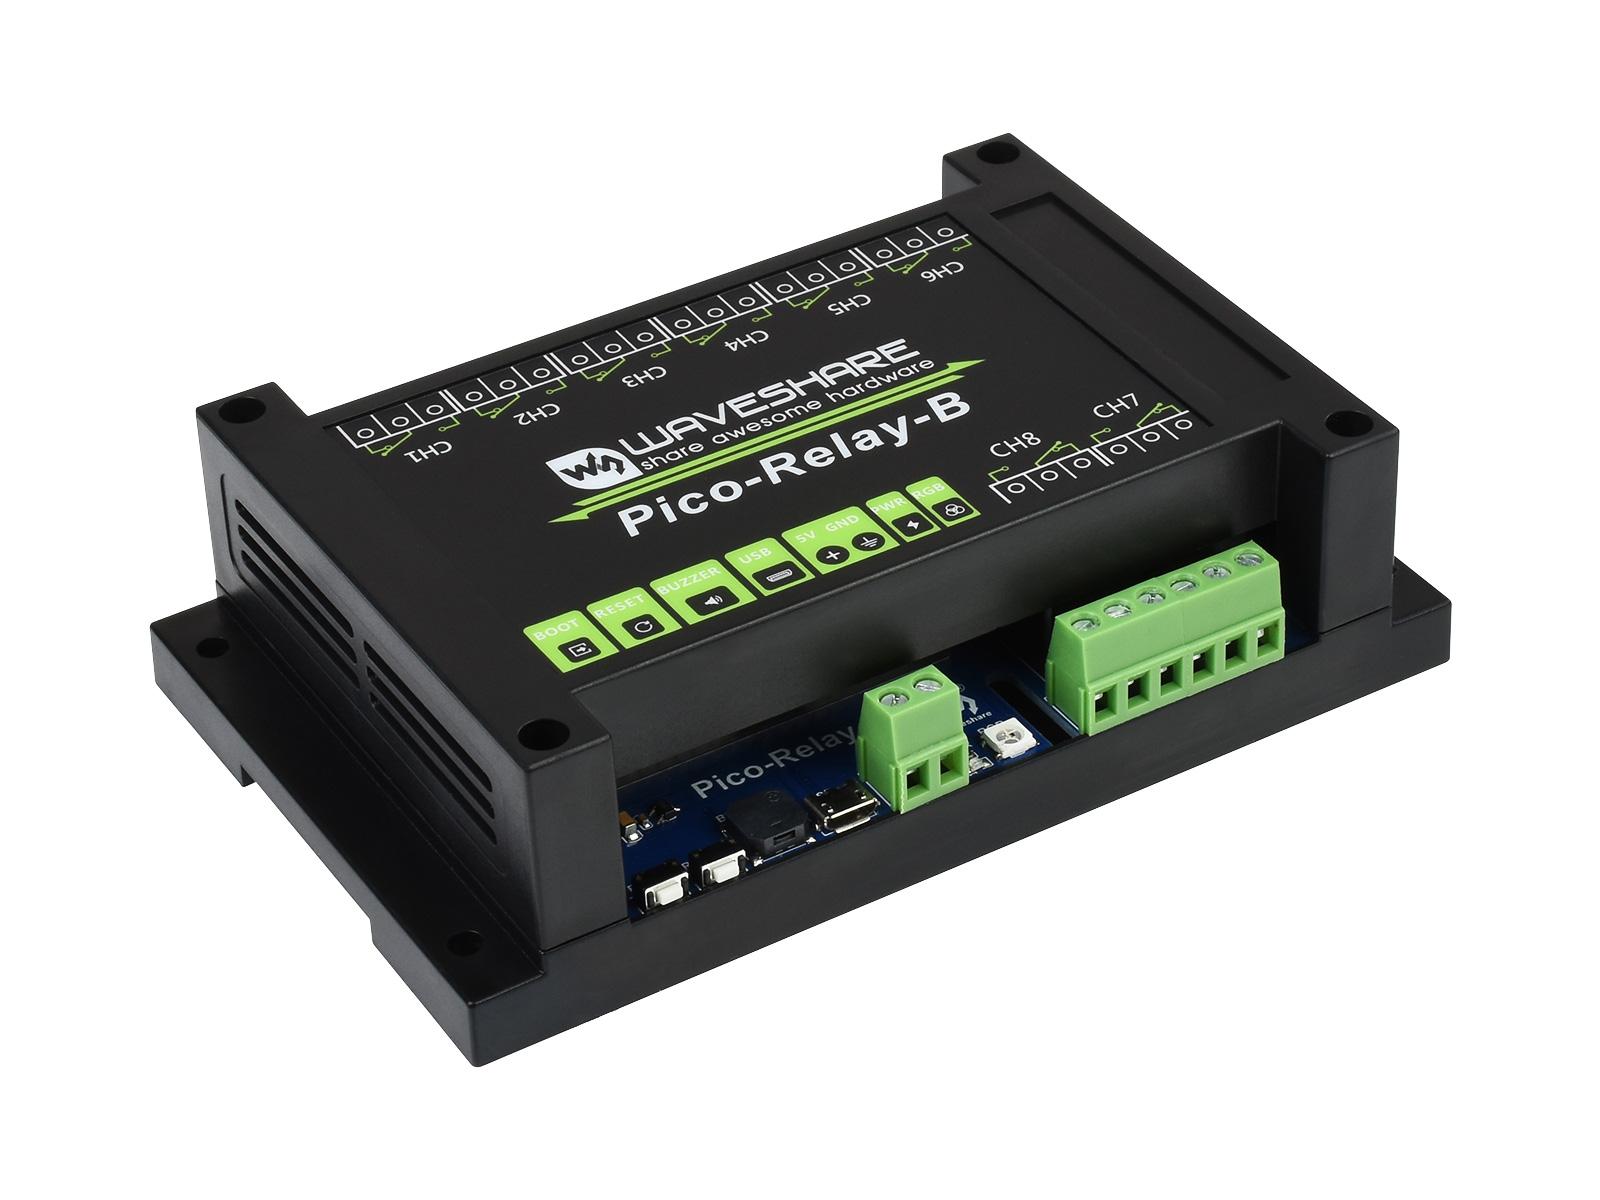 工业级 8 路继电器 Pico 模块